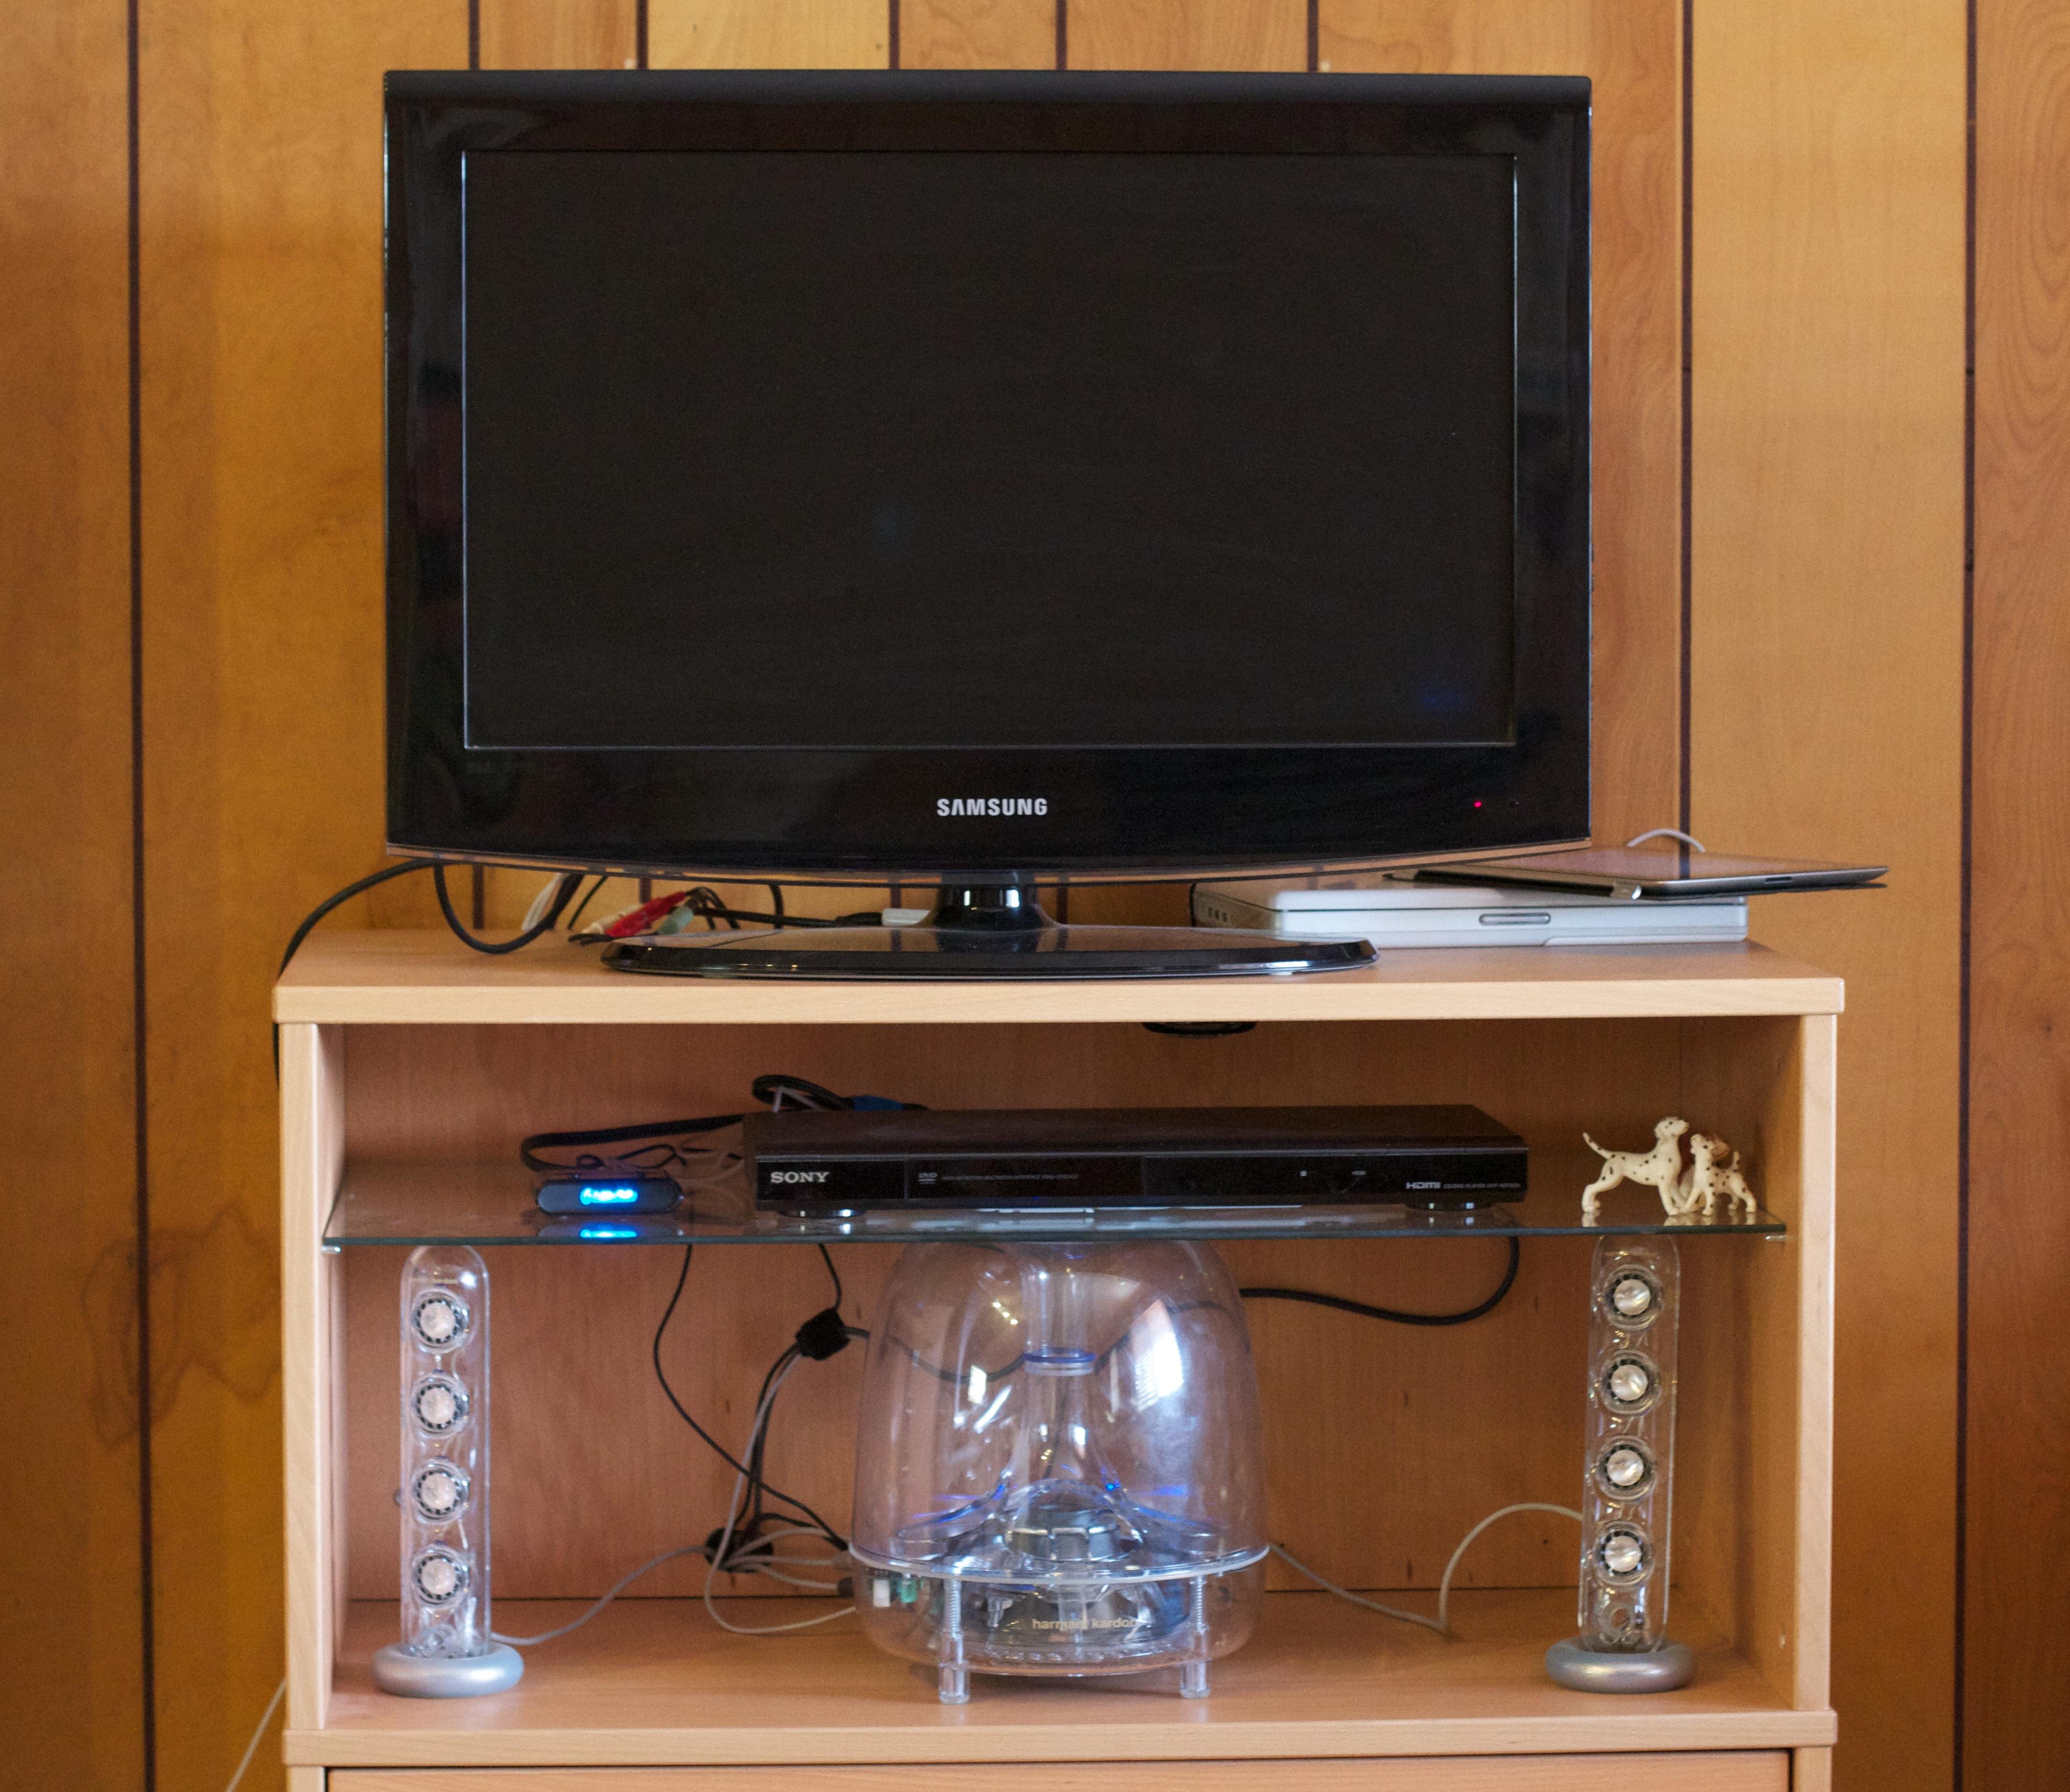 escritorio estante televisin mueble habitacin multimedia computadora de escritorio computadora personal dispositivo de